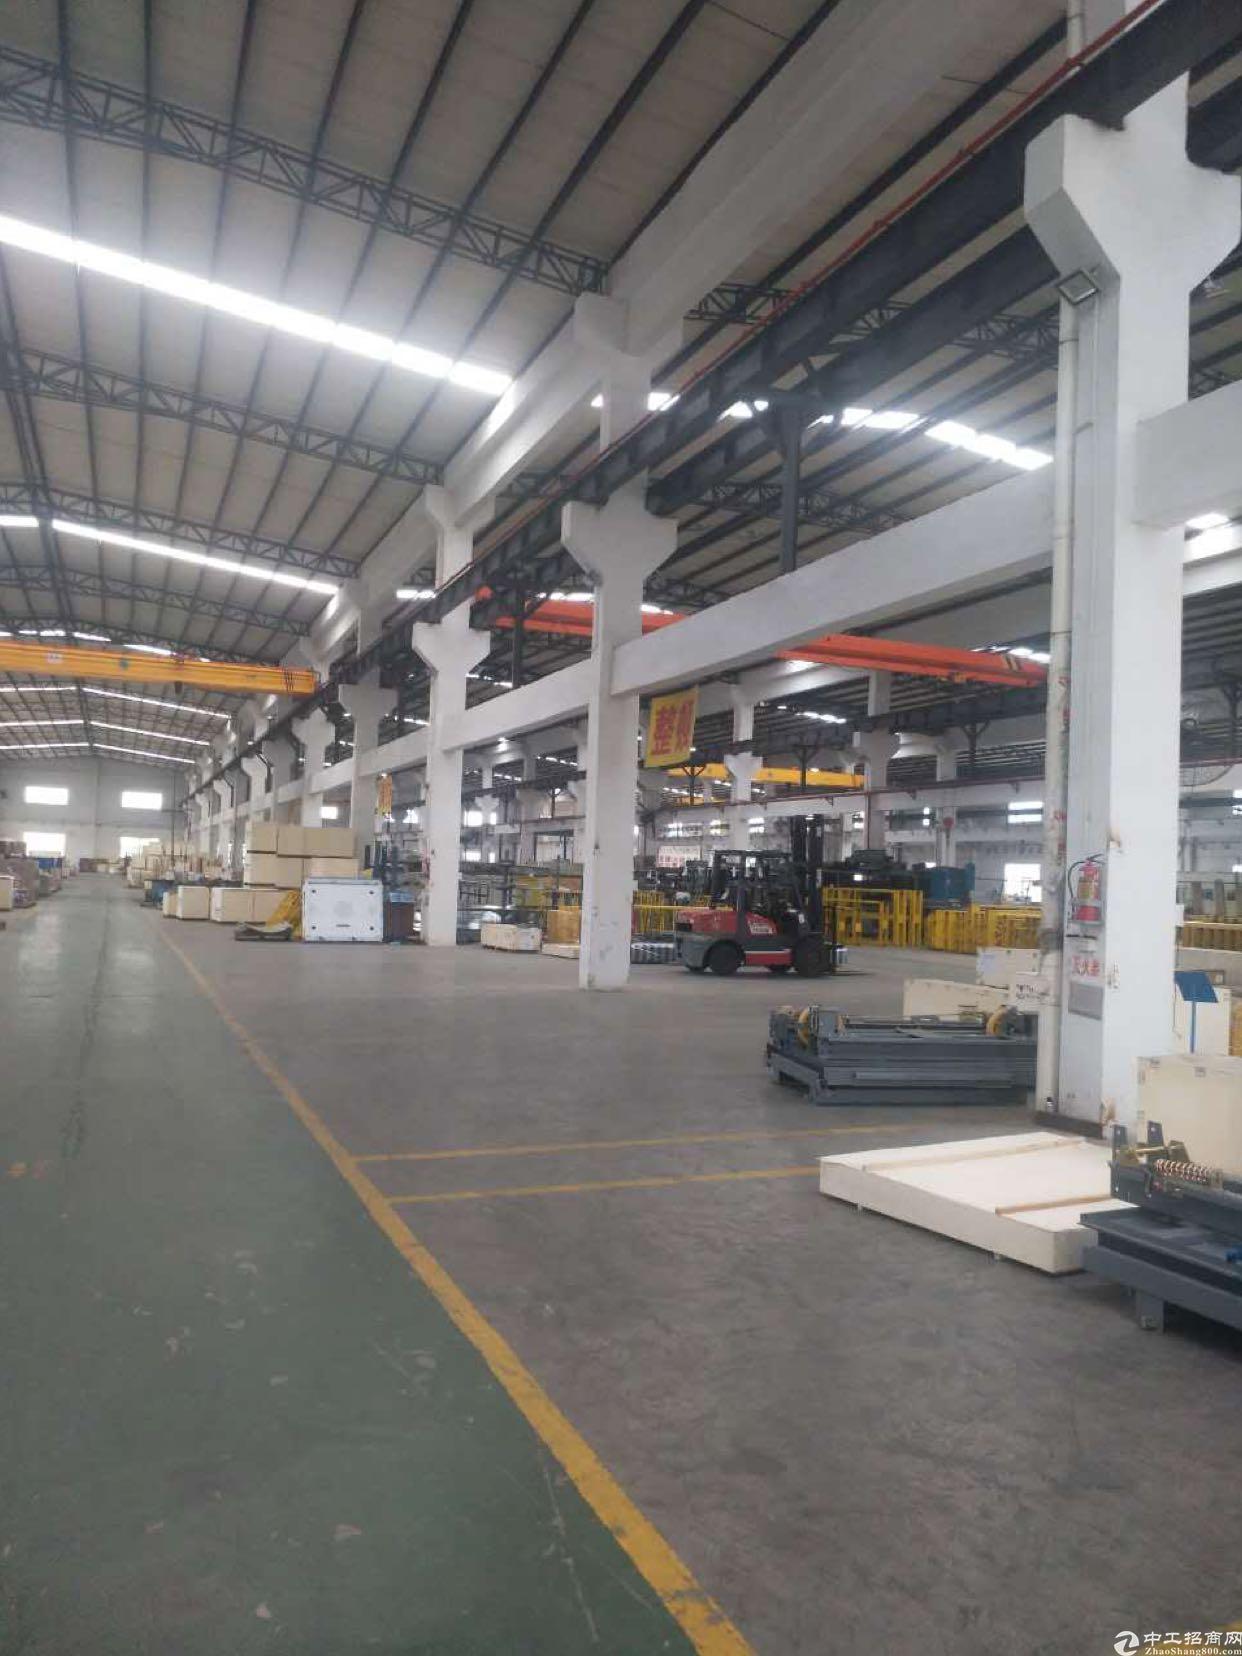 宝安区松岗镇一楼10000平方米重工业钢构厂房出租-图3